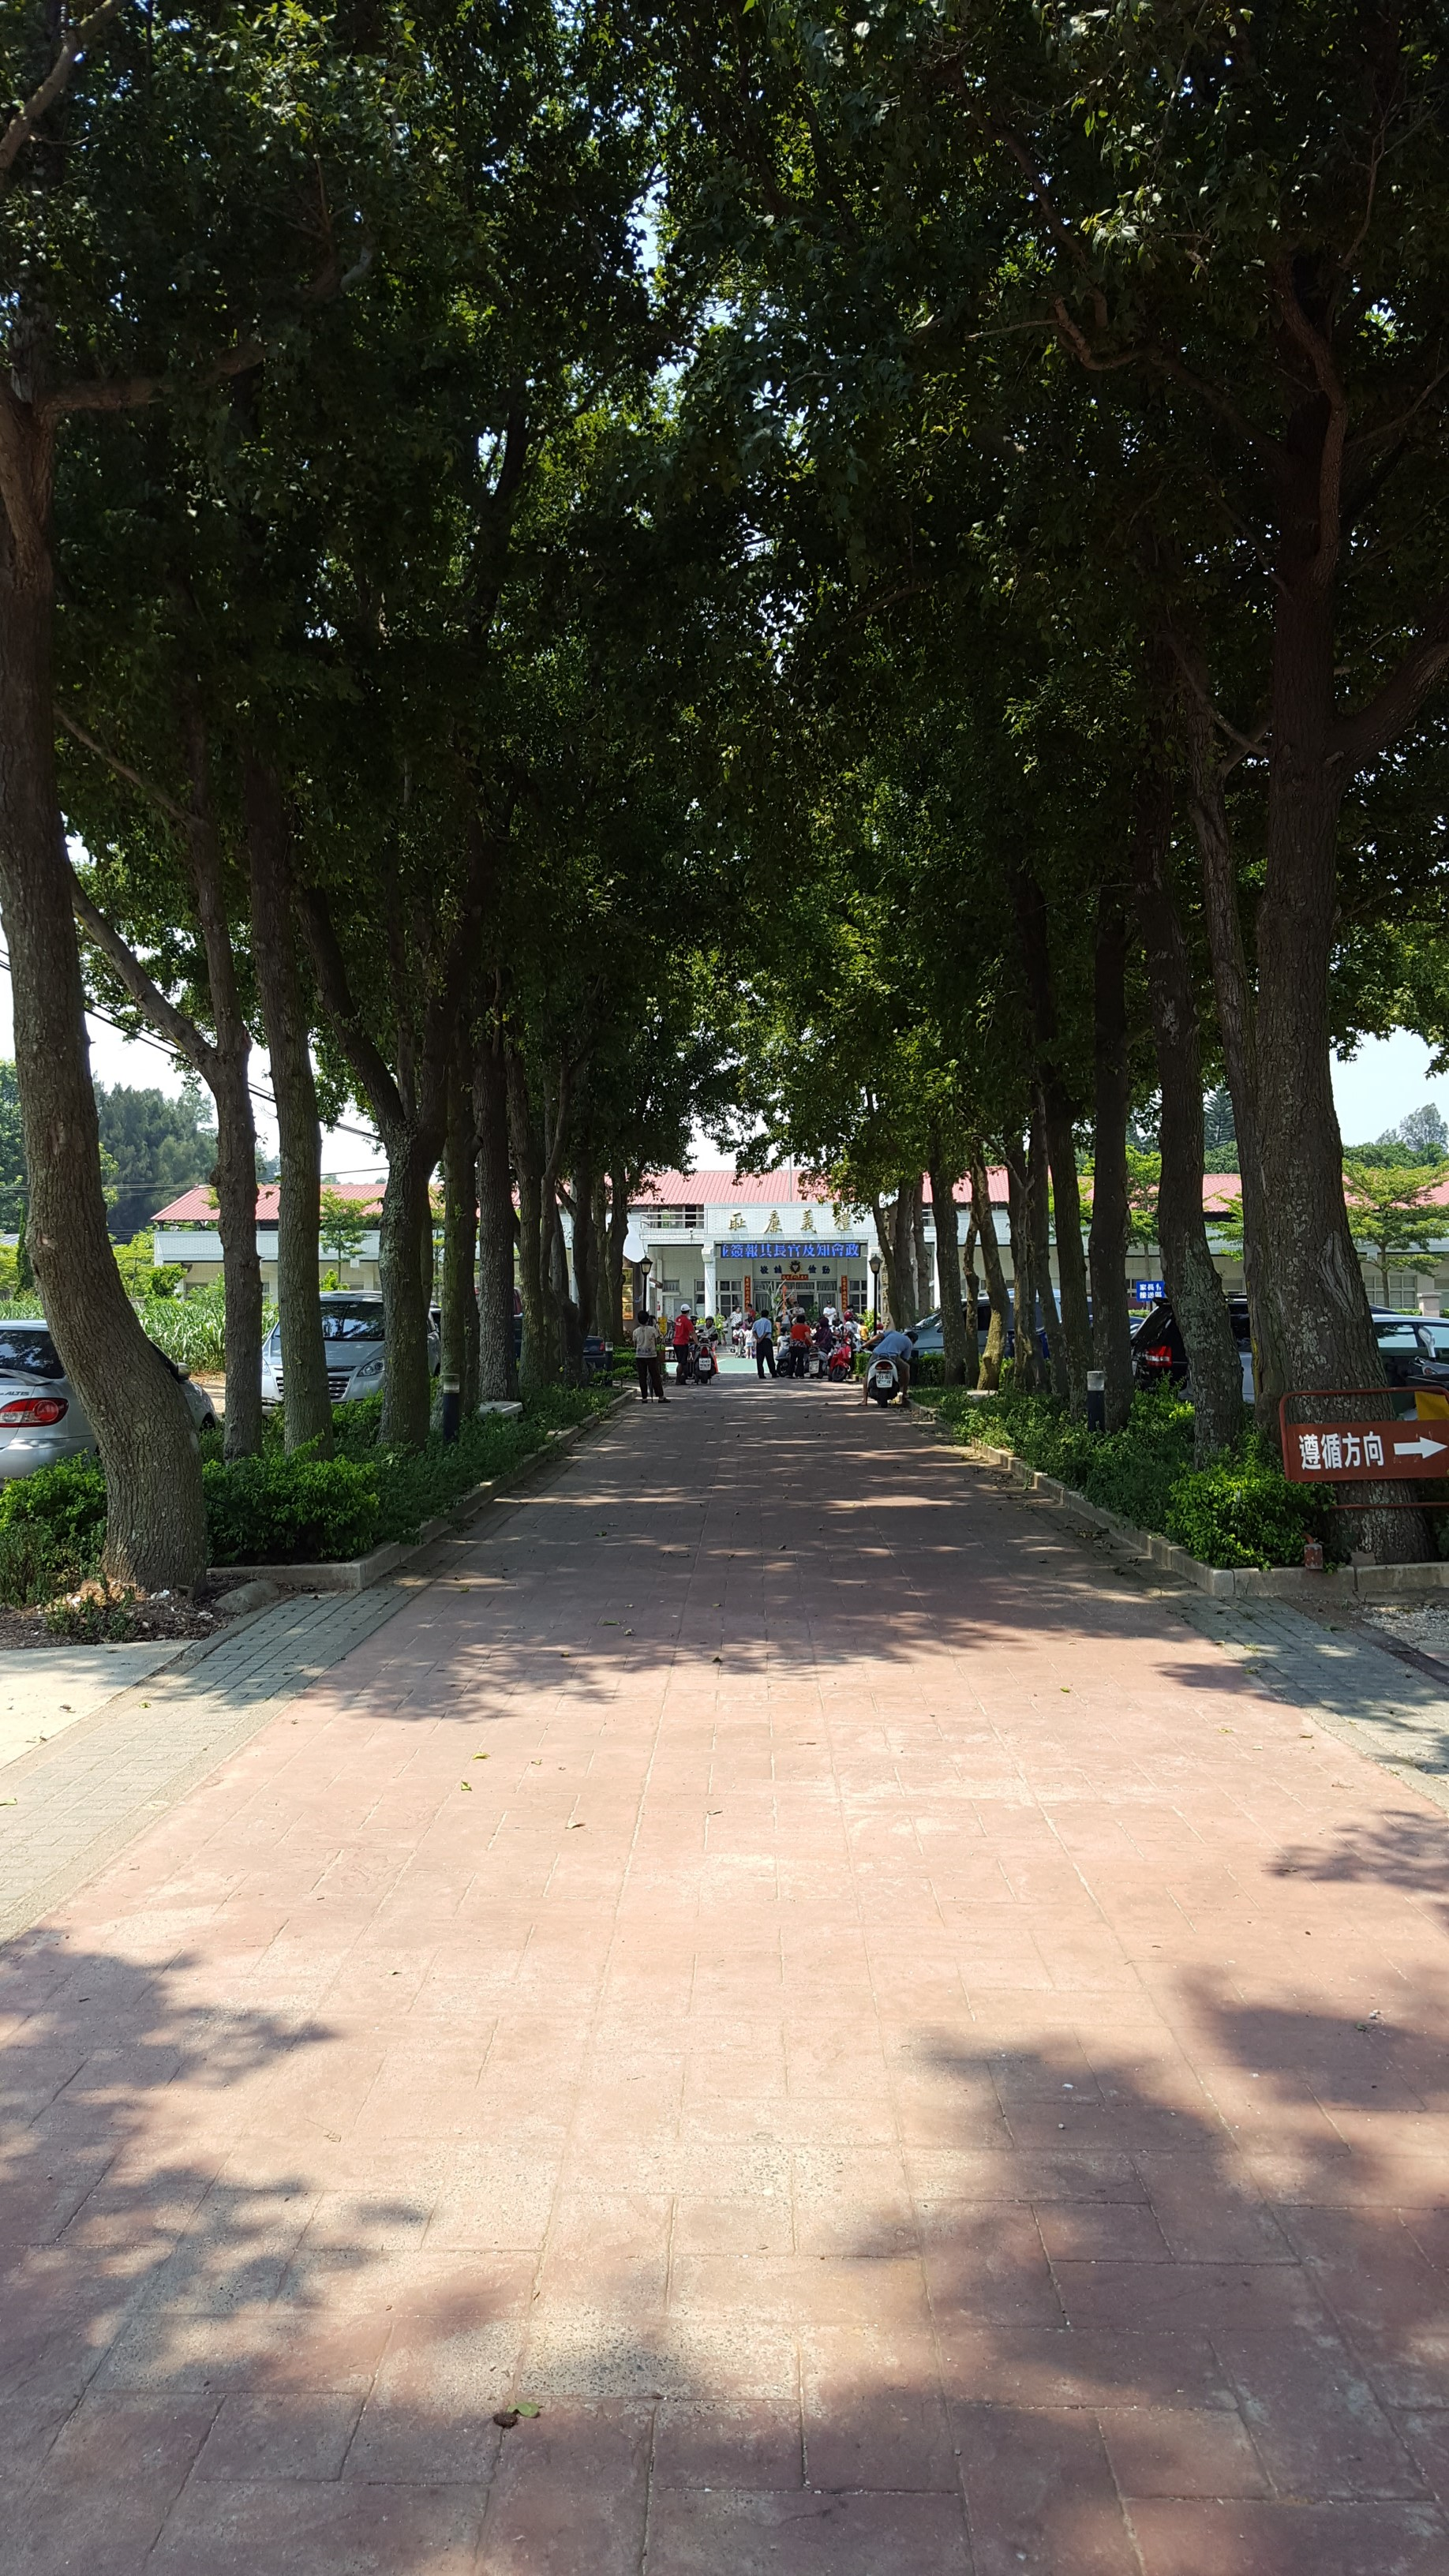 Shu Mei Elementary School